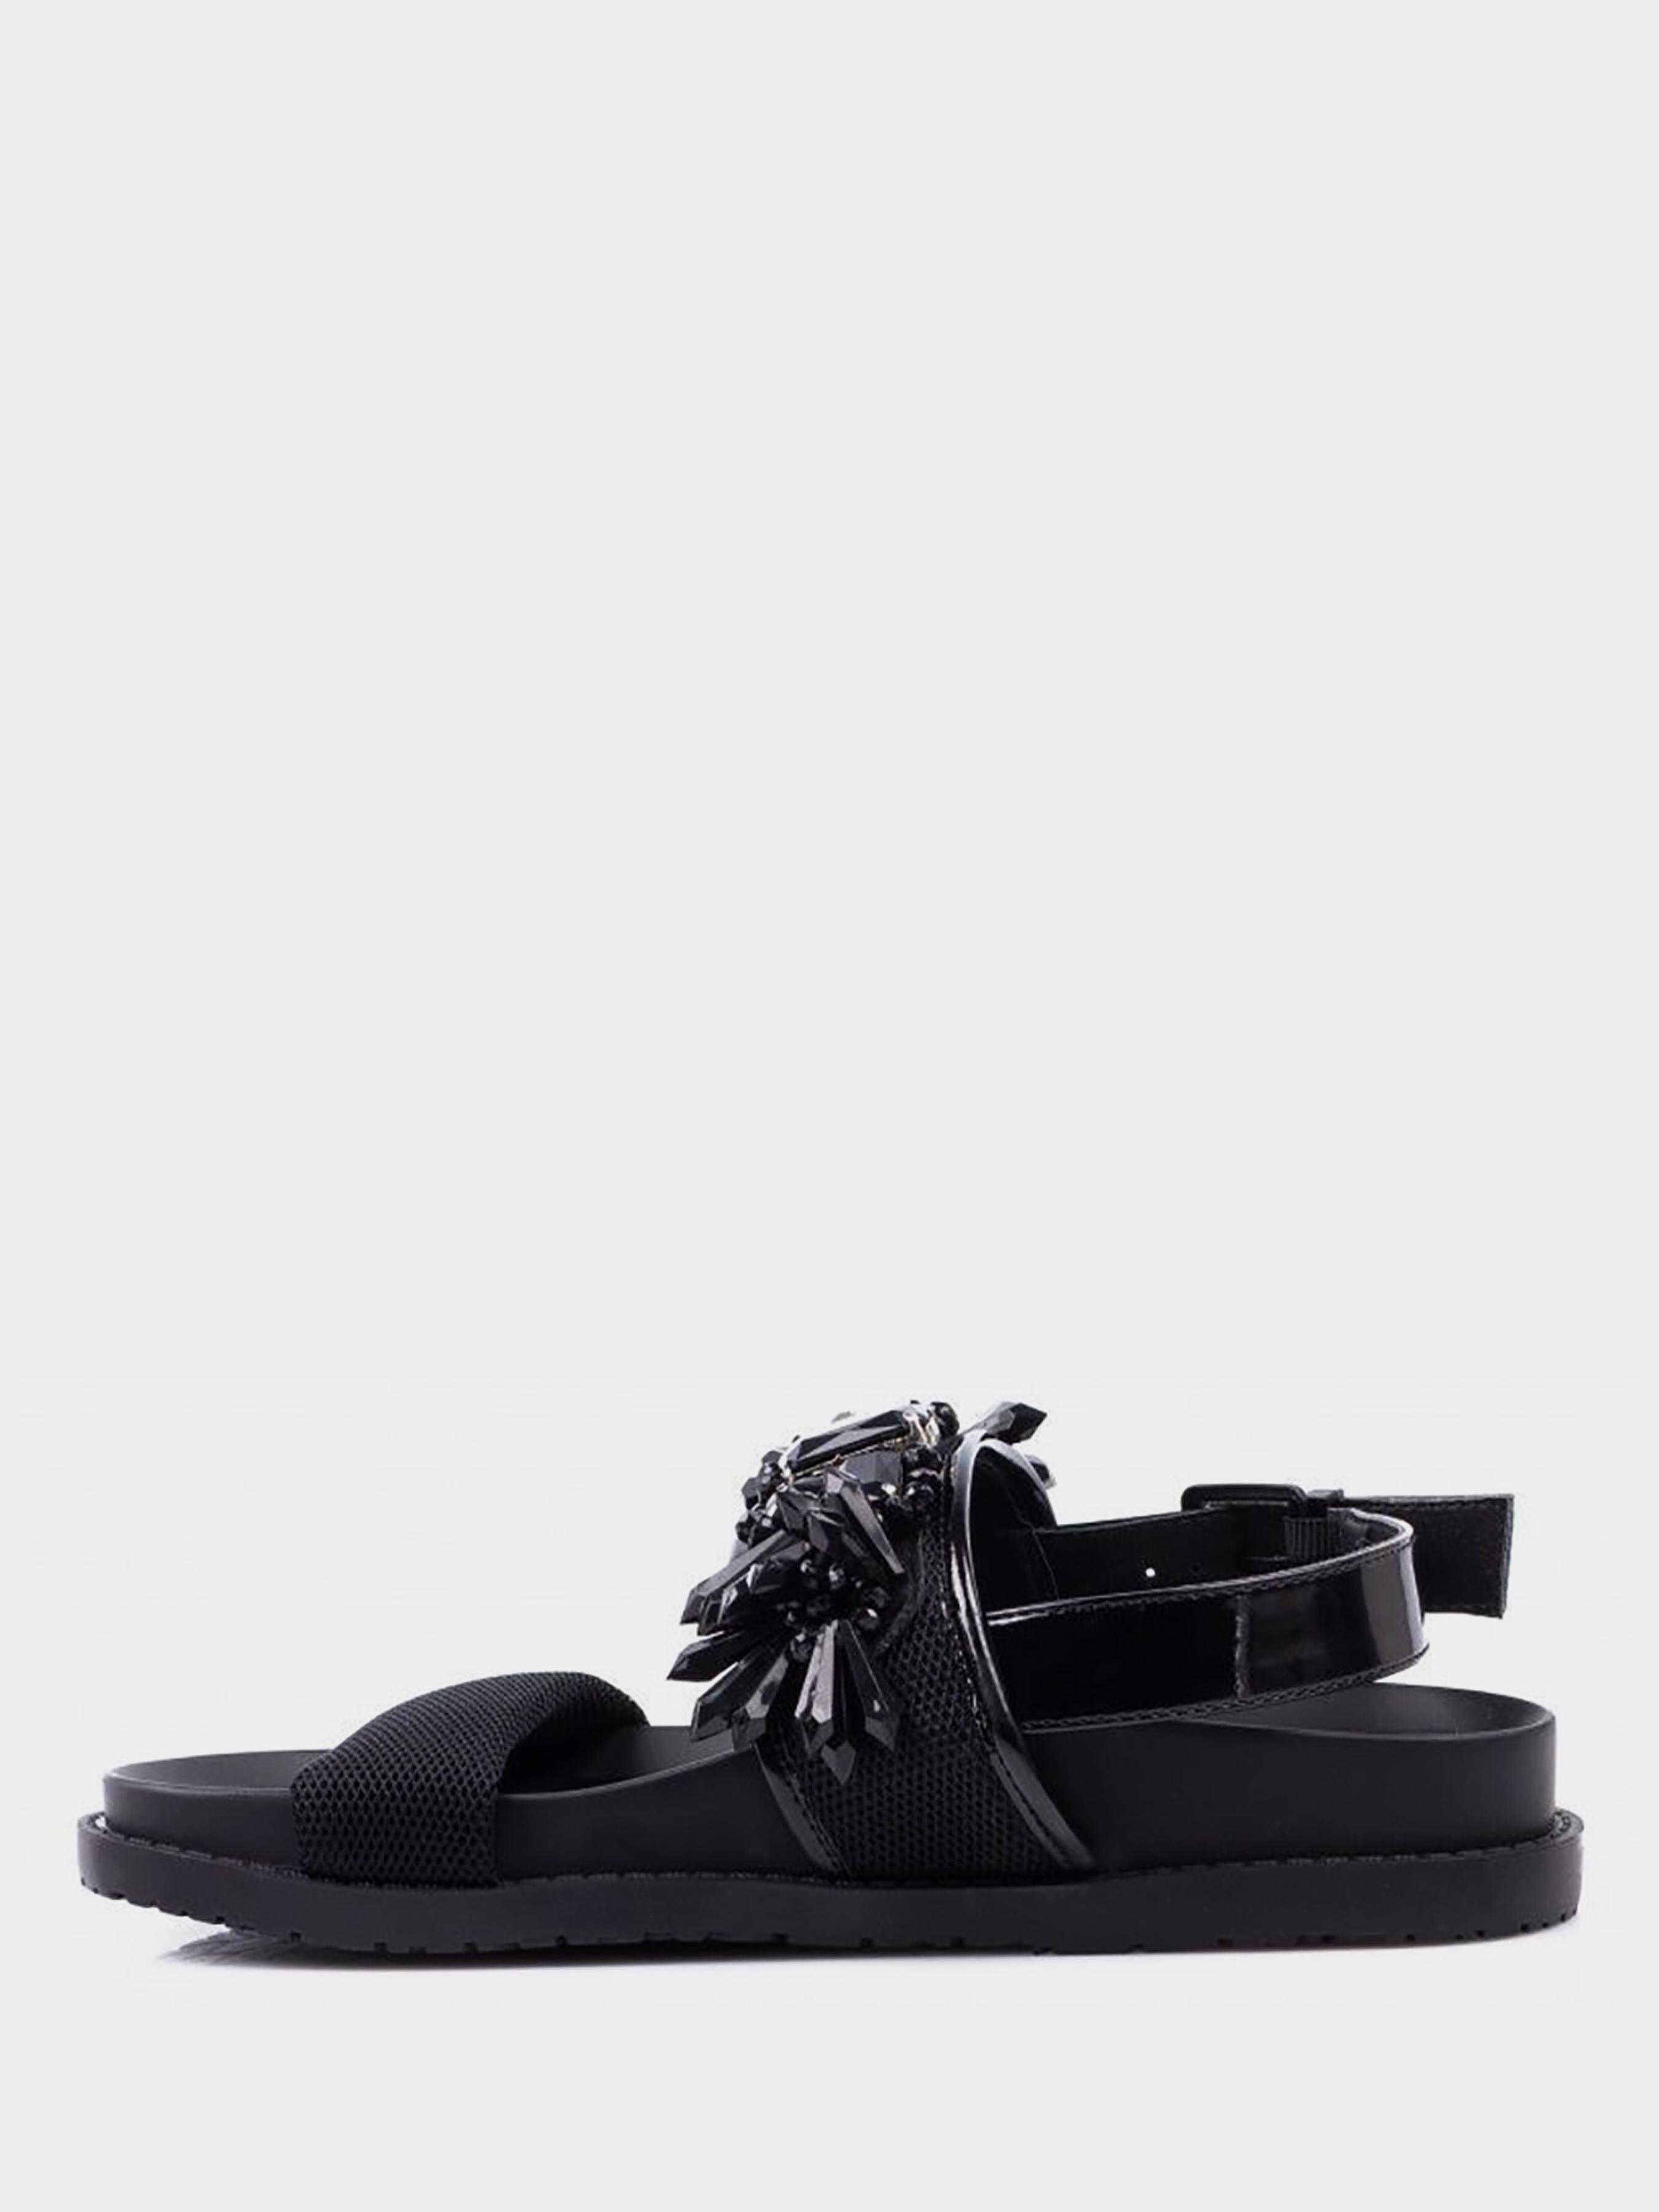 Сандалии для женщин BLINK BL1801 размерная сетка обуви, 2017